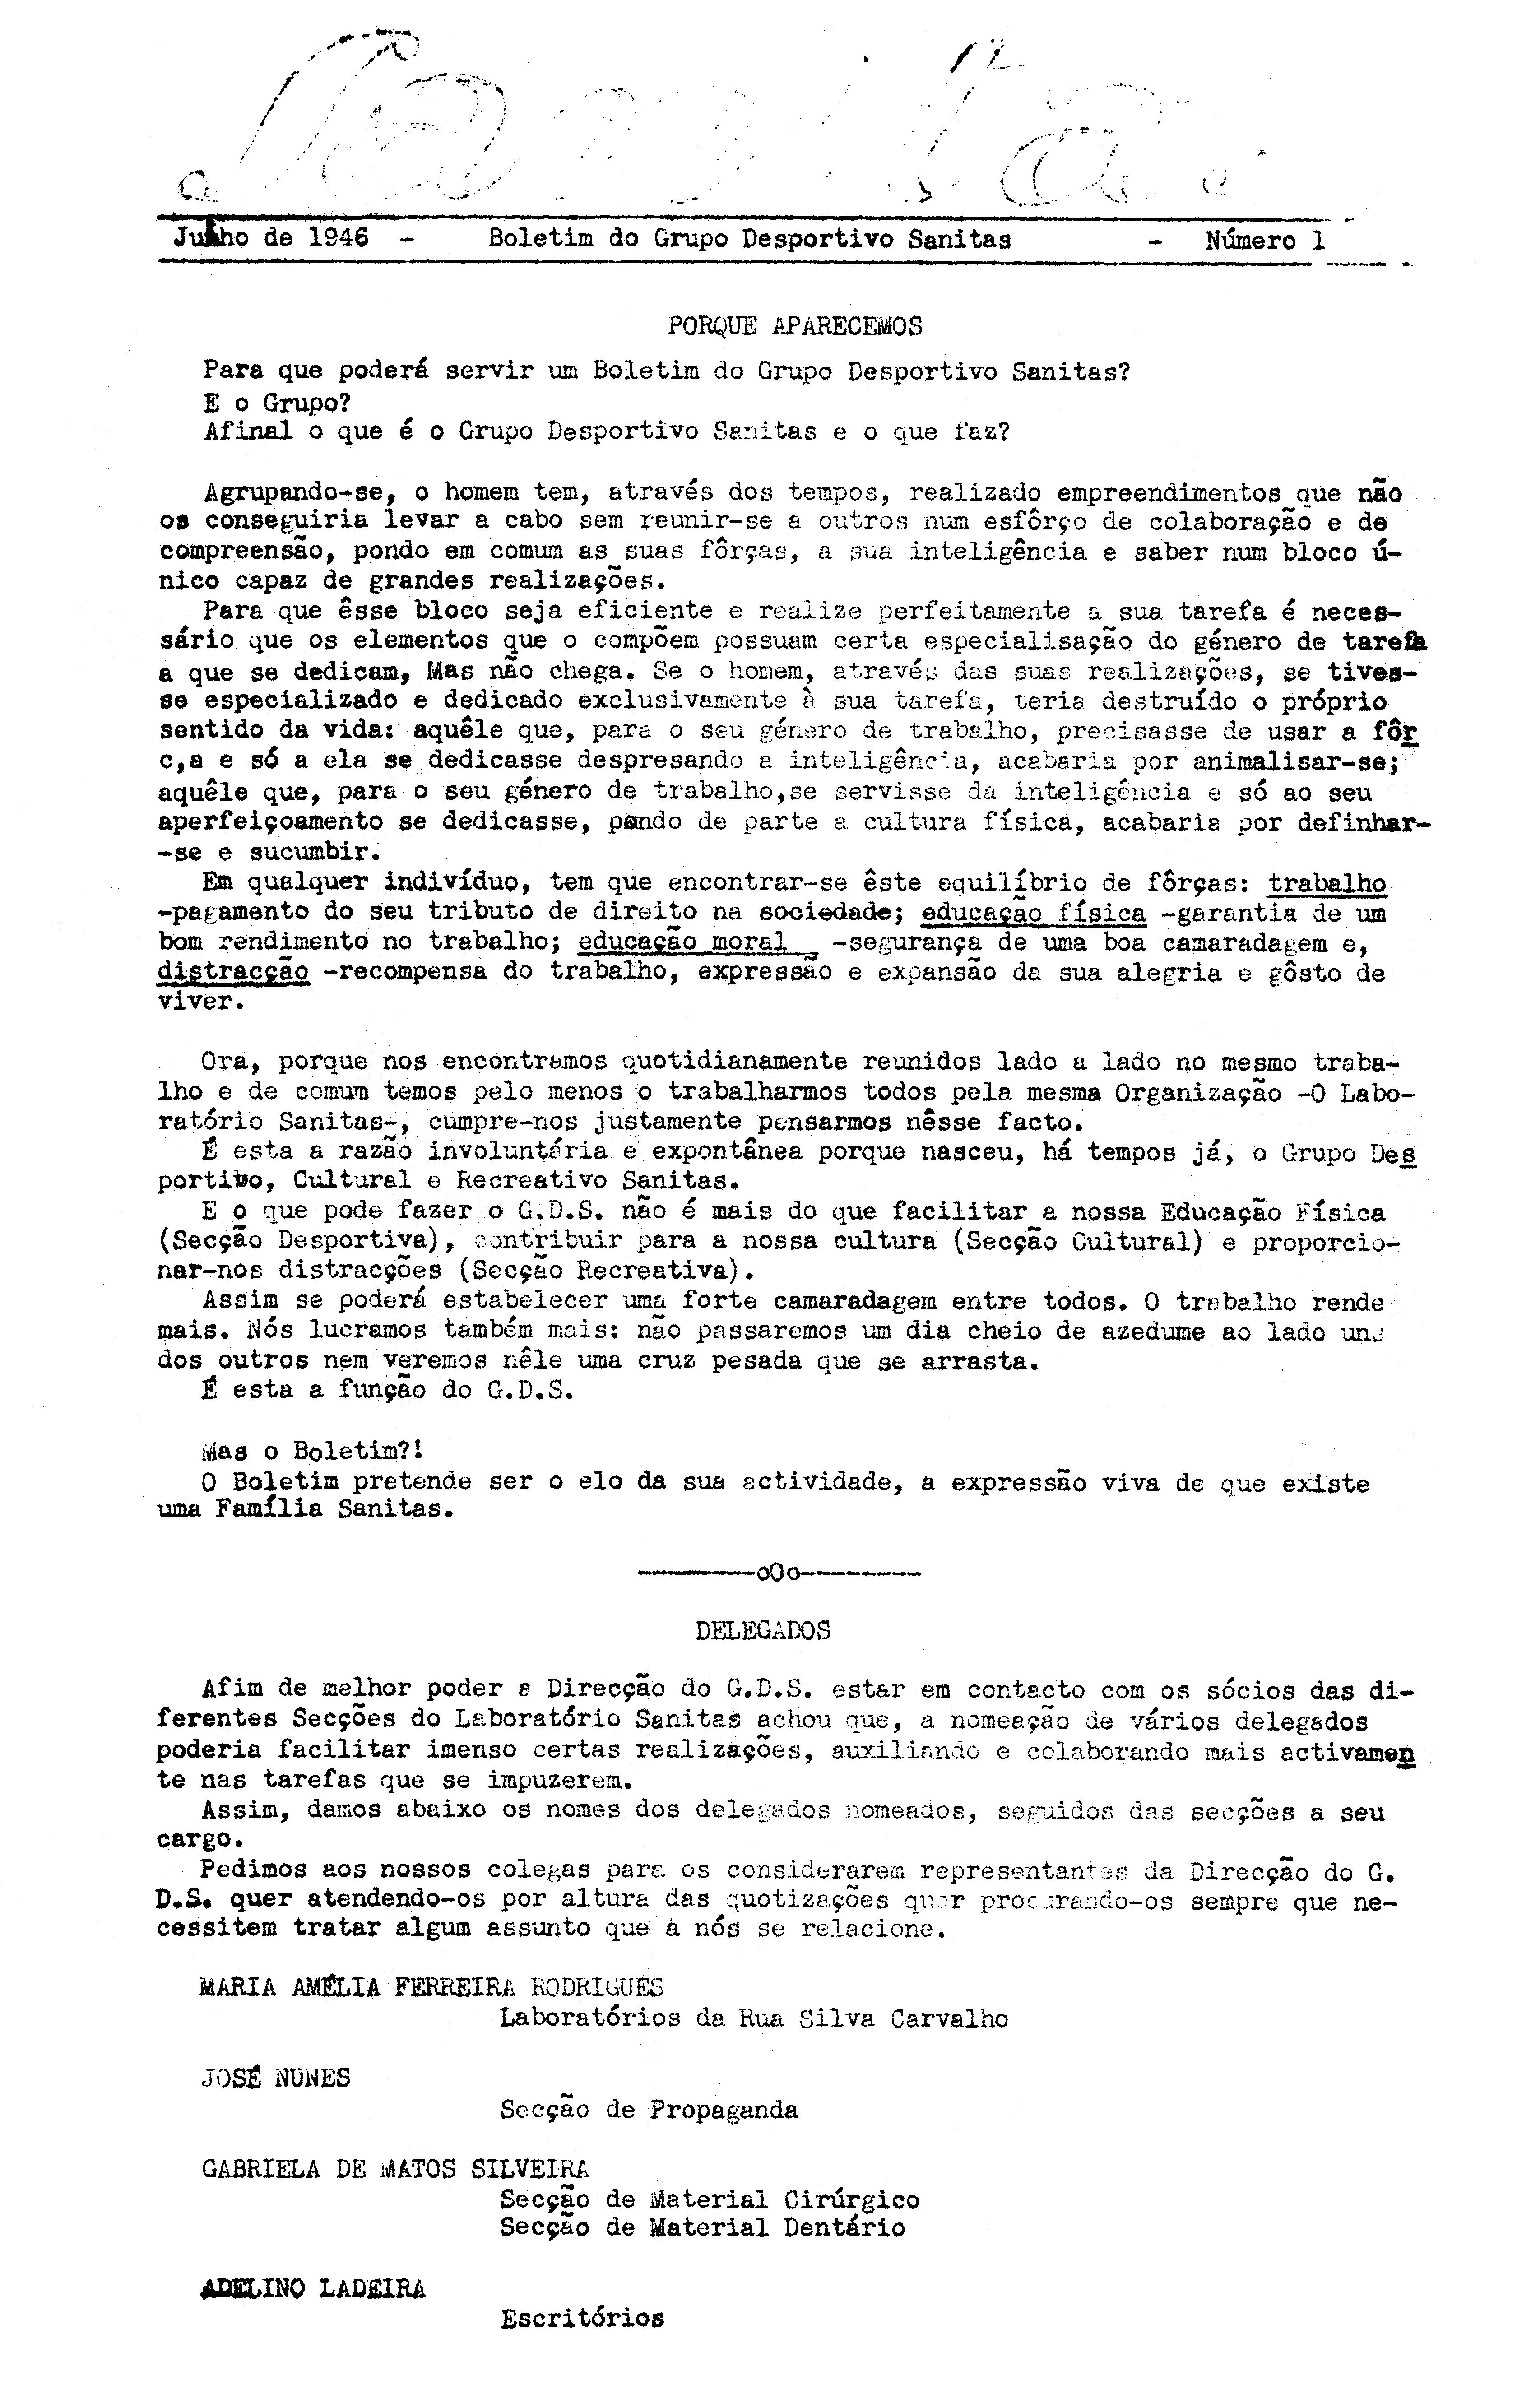 02969.057.001- pag.1